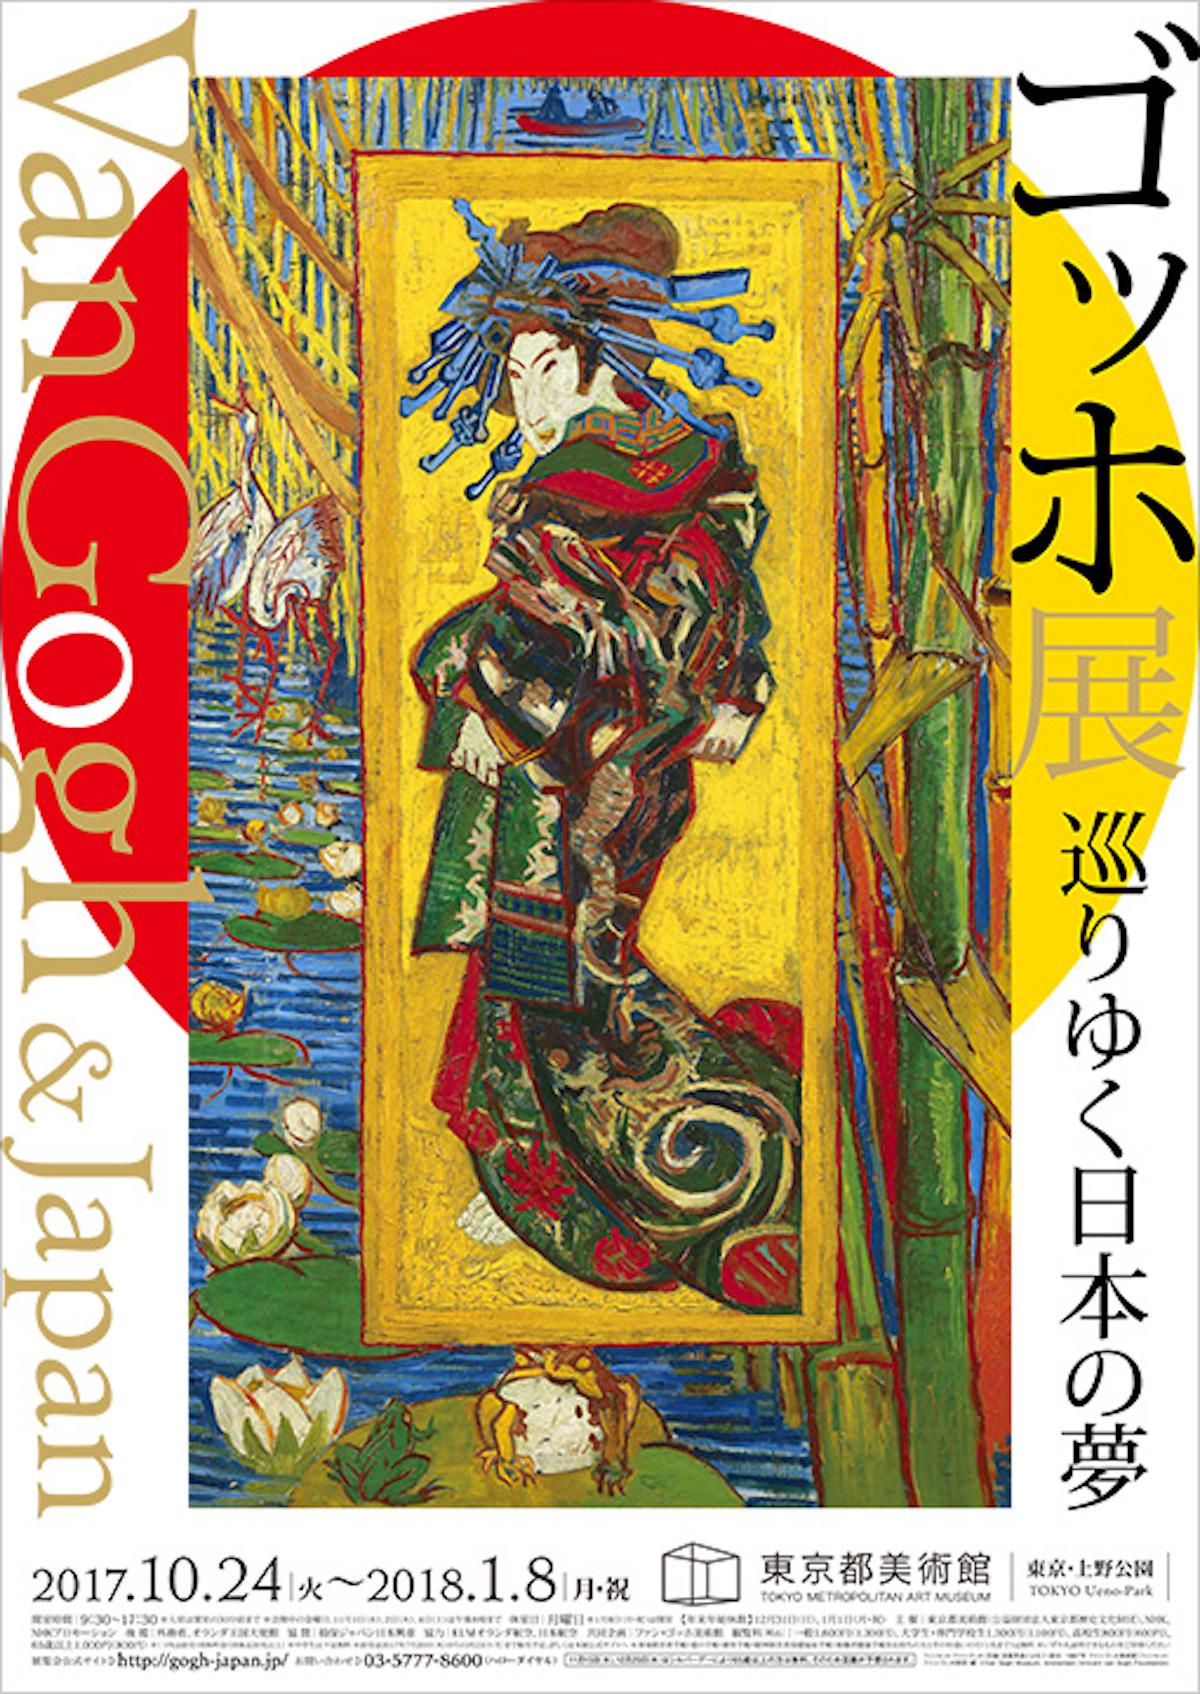 ゴッホ展 巡りゆく日本の夢 東京展